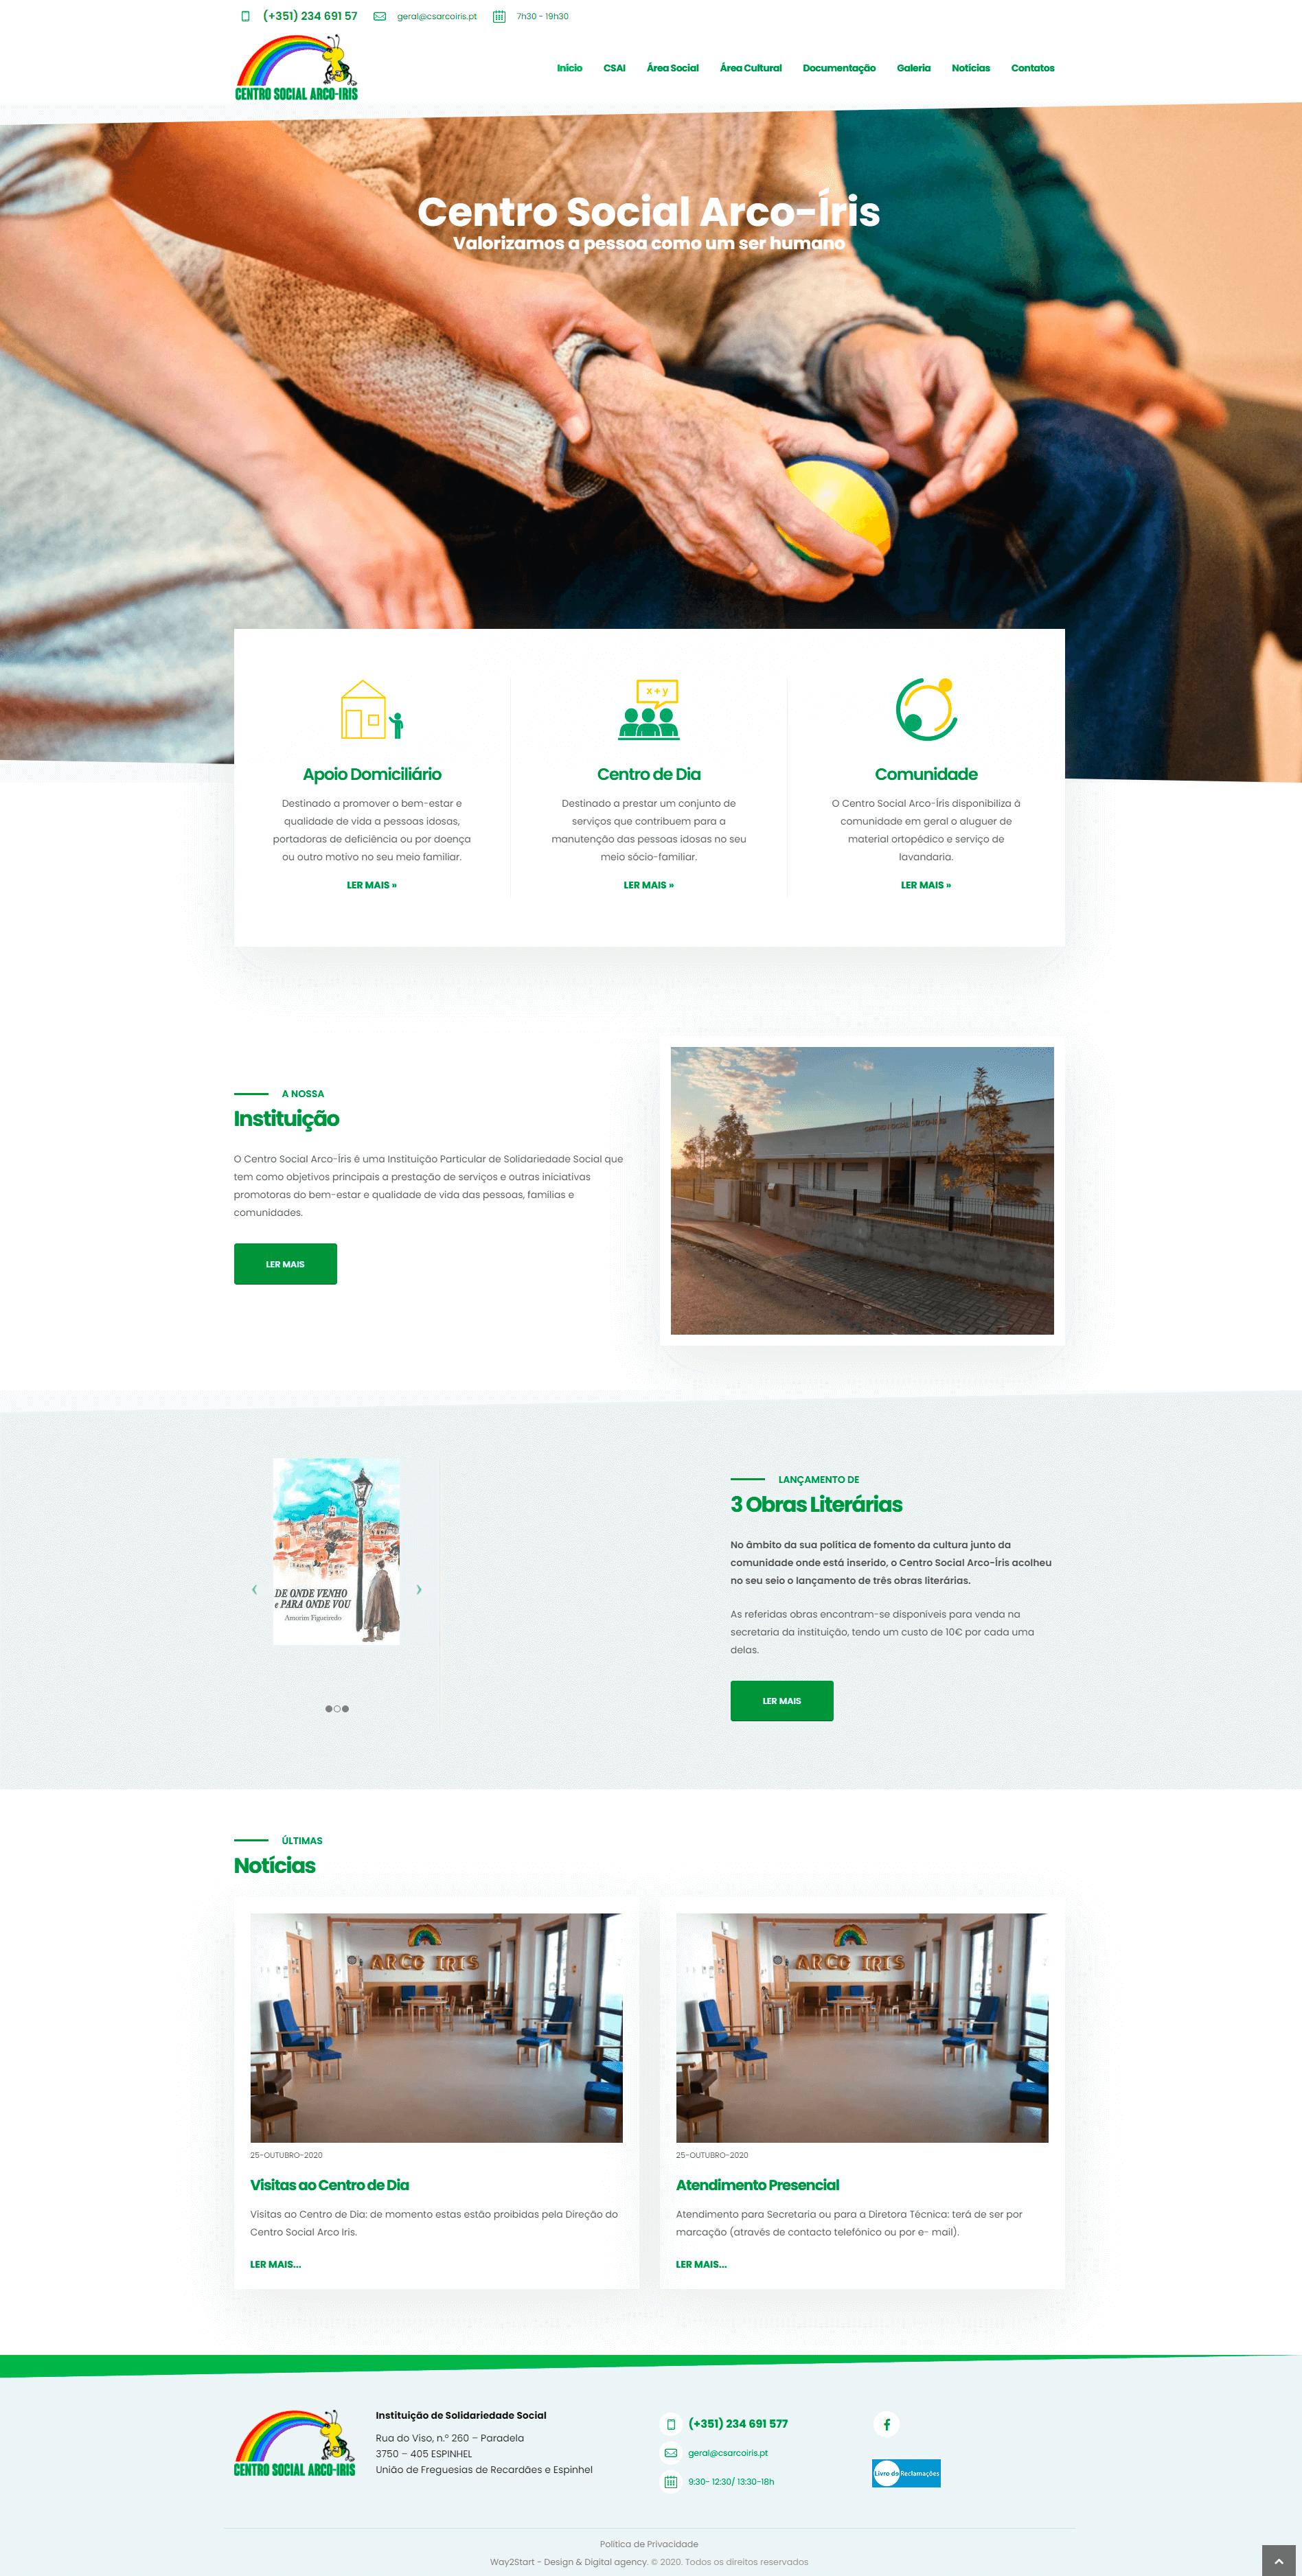 Centro Social Arco-Iris - Página Inicial | Luis Serra Freelancer